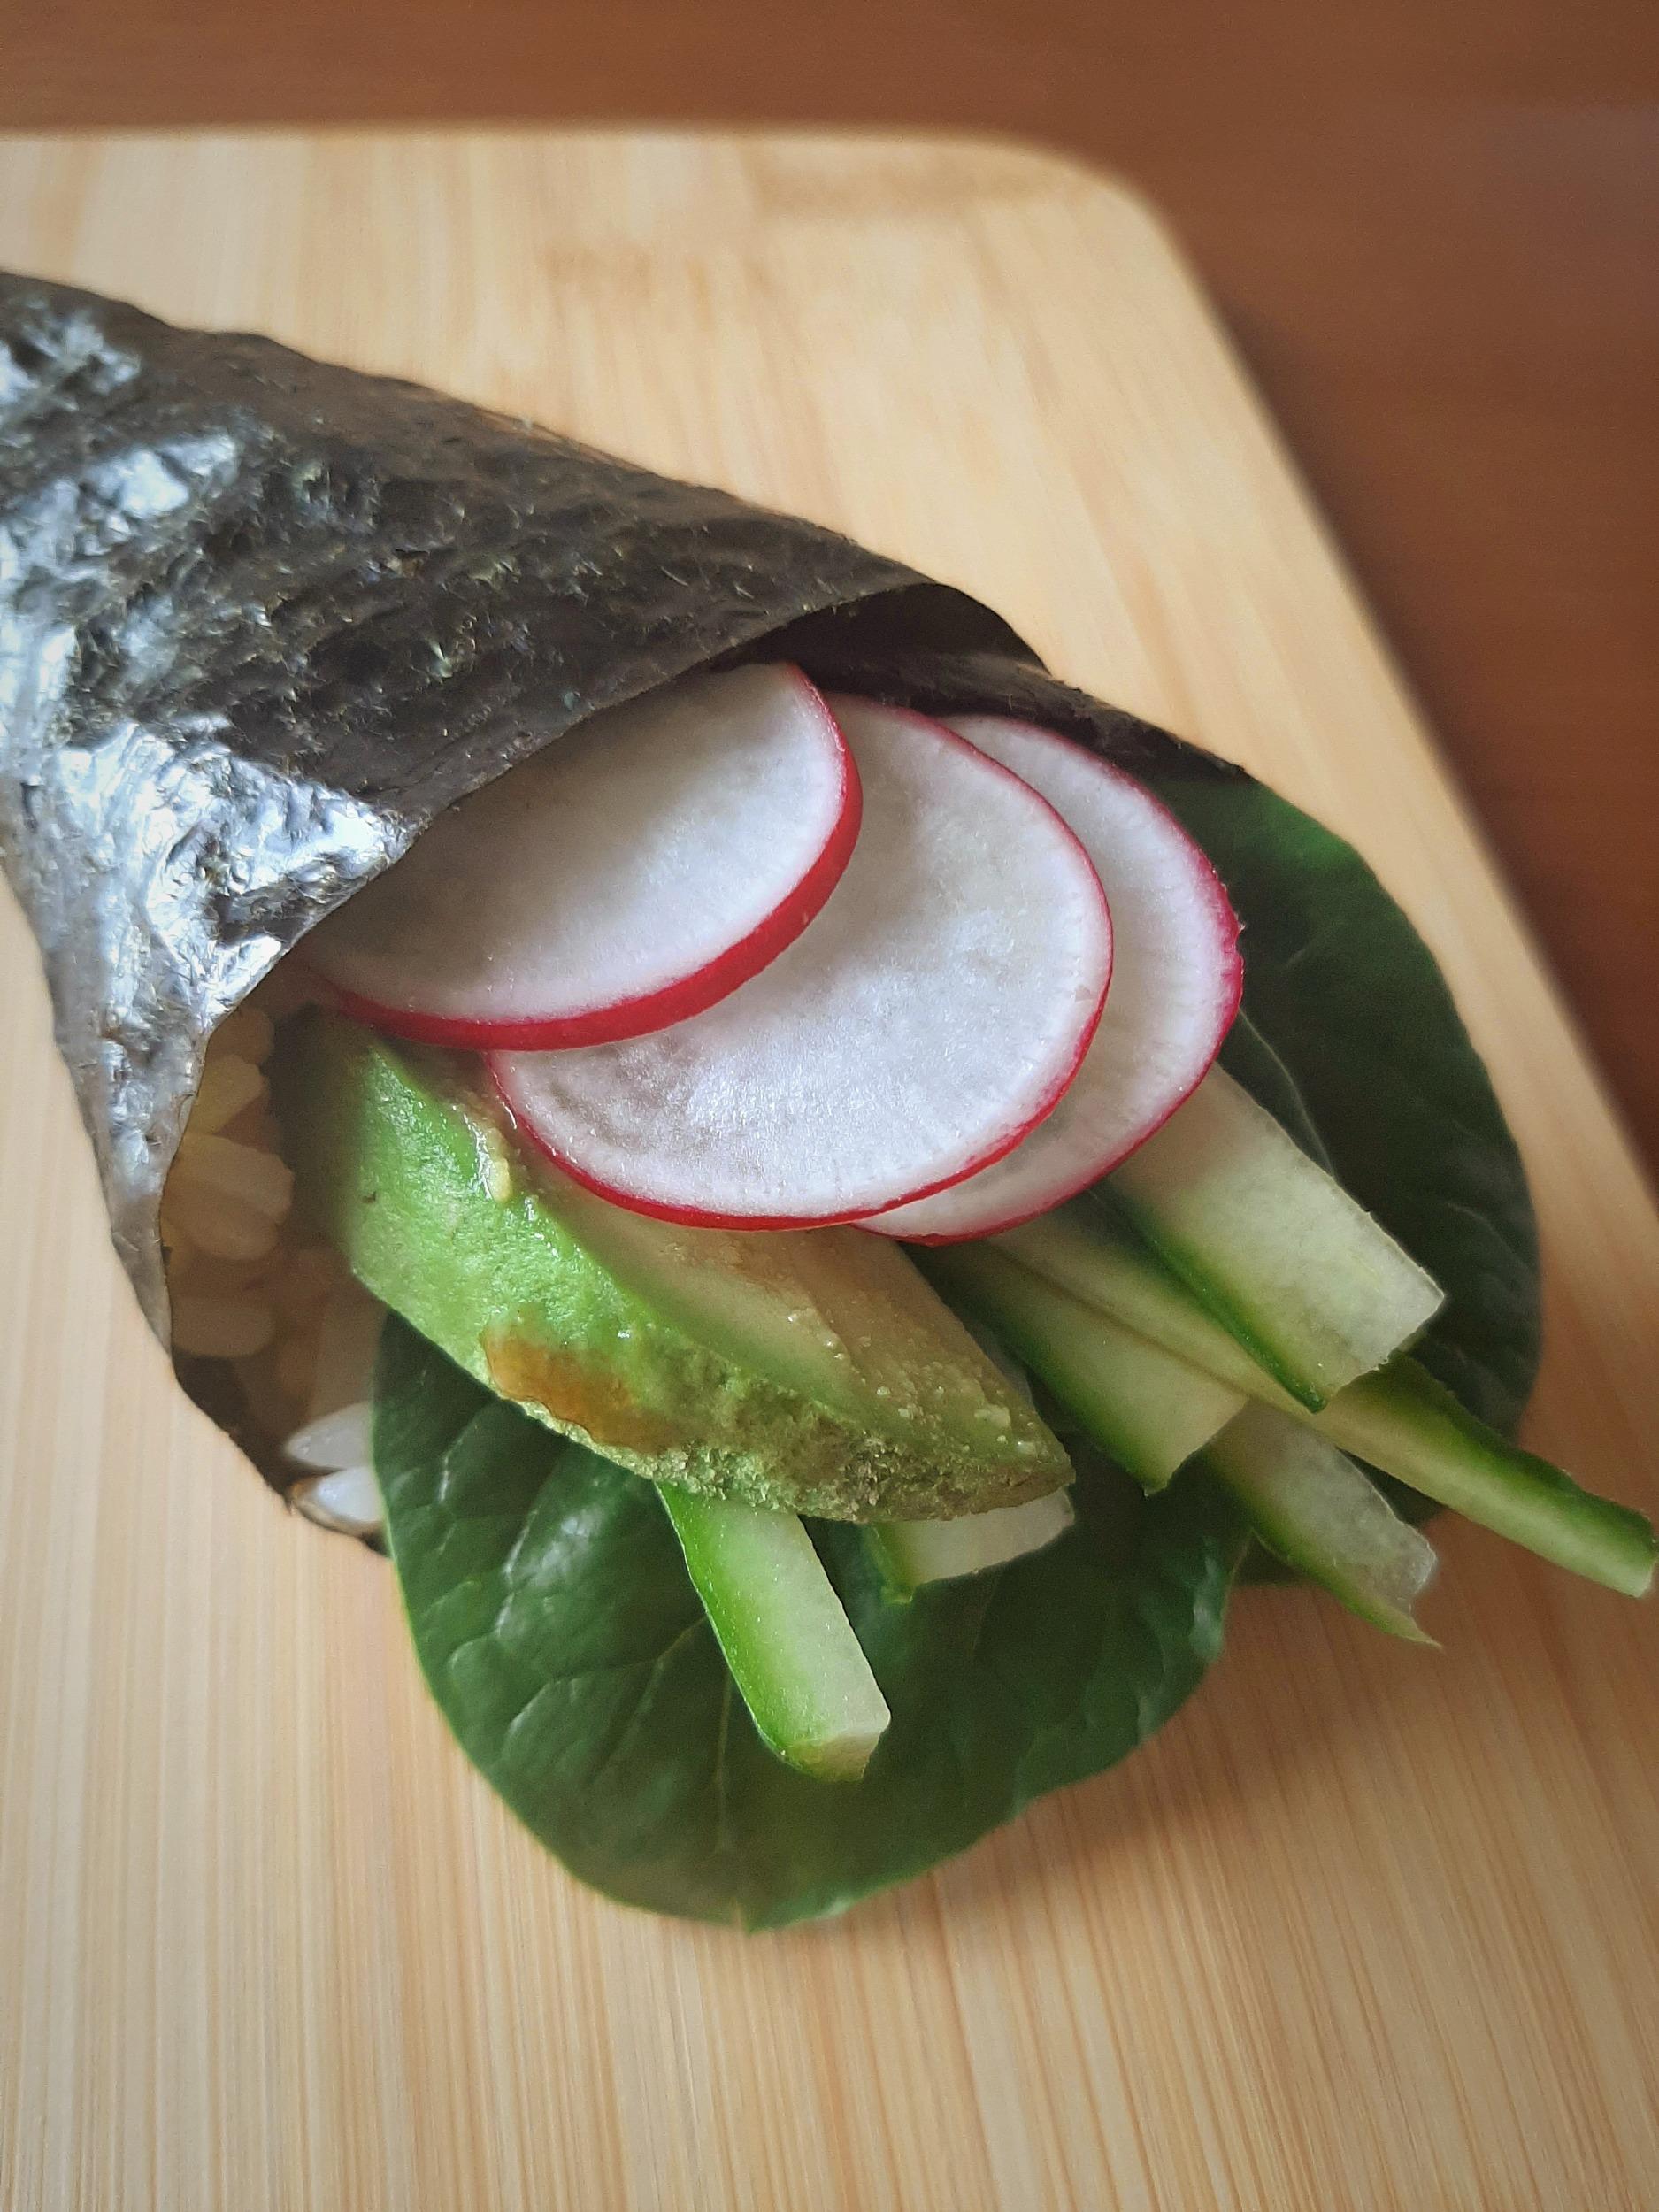 Vegan Sushi Hand Roll, naturally gluten-free